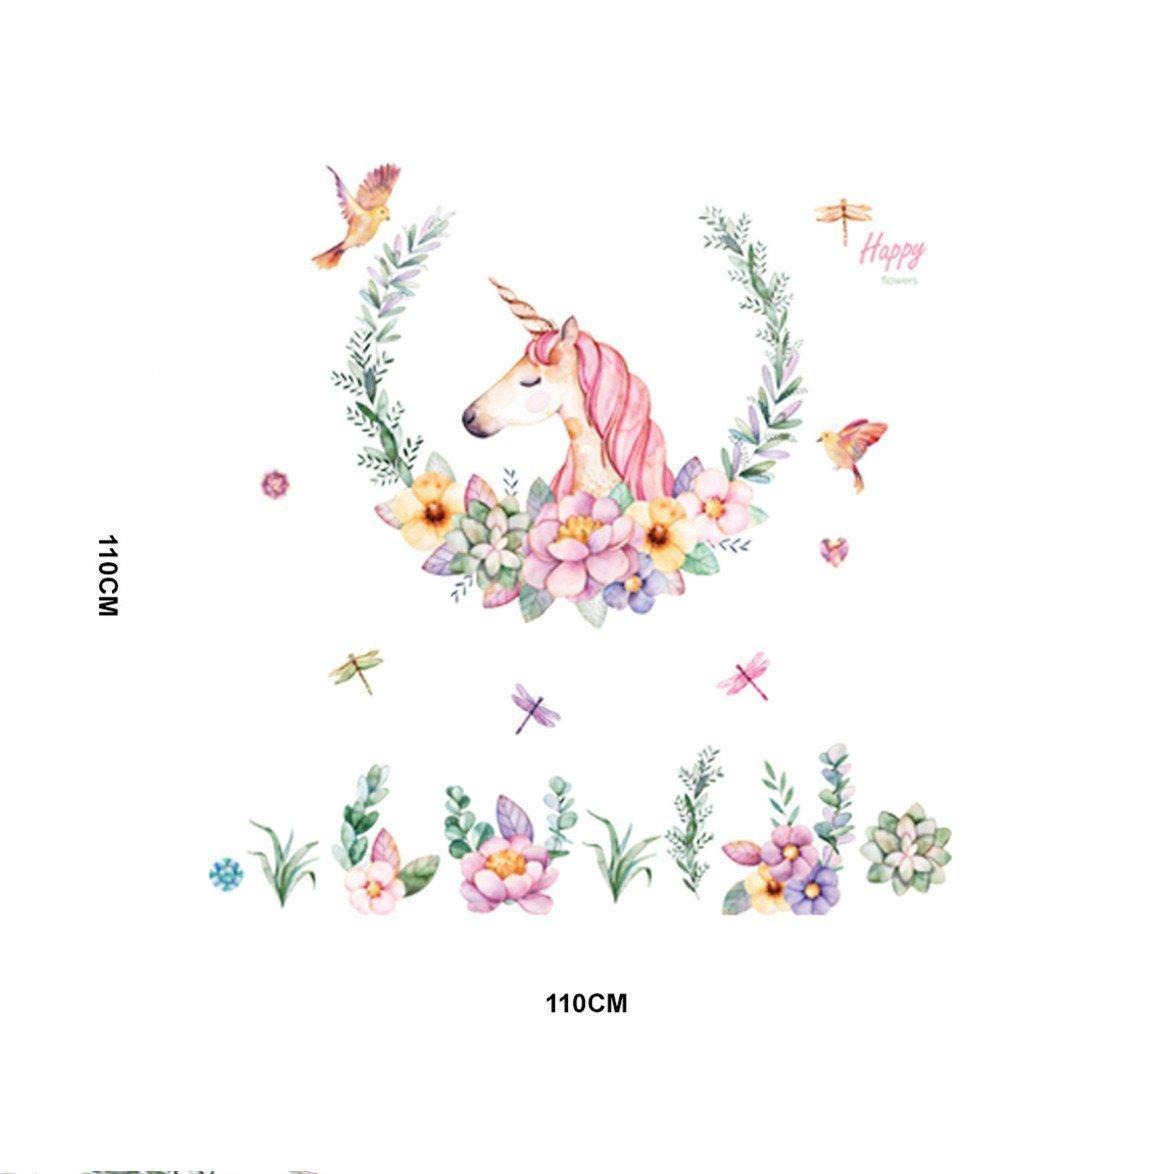 Colorfulworld Dulce unicornio Flor Pegatinas de pared Cuartos de bebes Decoraciones de pared Dormitorio Sal/ón Guarder/ía Habitaci/ón Infantiles Ni/ños Beb/és Style2